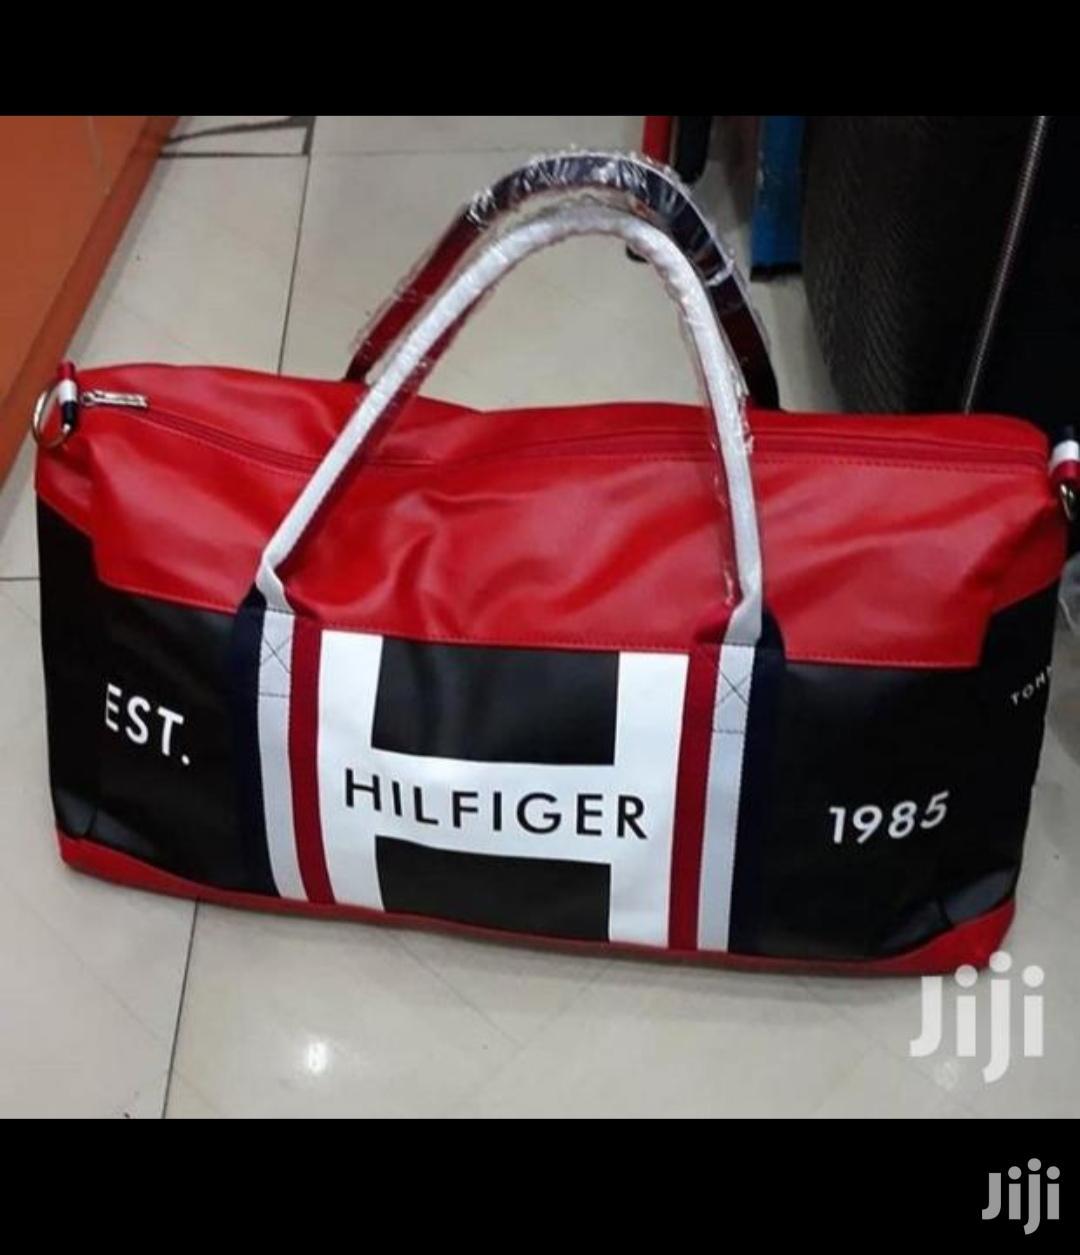 Hilfiger Designer Hand Bag